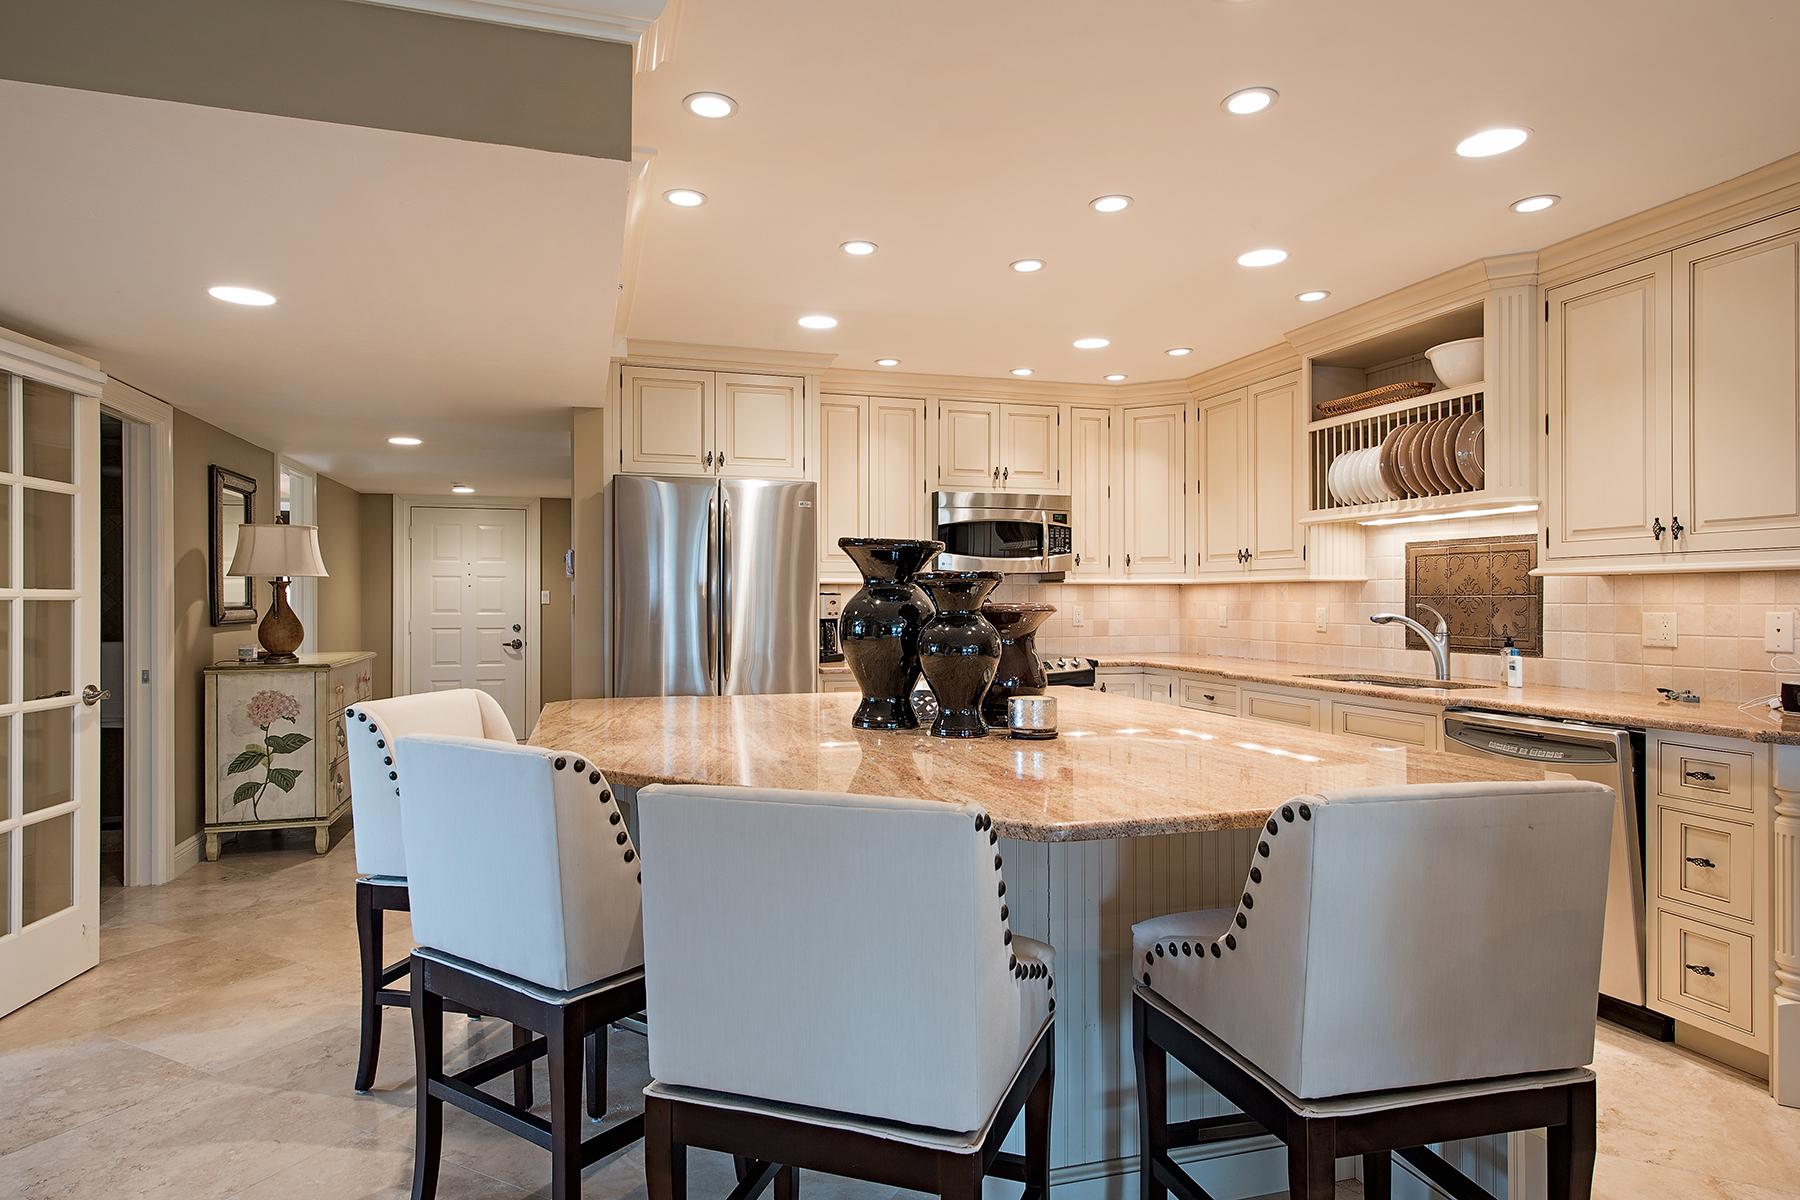 Кооперативная квартира для того Продажа на 6040 Pelican Bay Blvd , D-405, Naples, FL 34108 6040 Pelican Bay Blvd D-405 Naples, Флорида, 34108 Соединенные Штаты